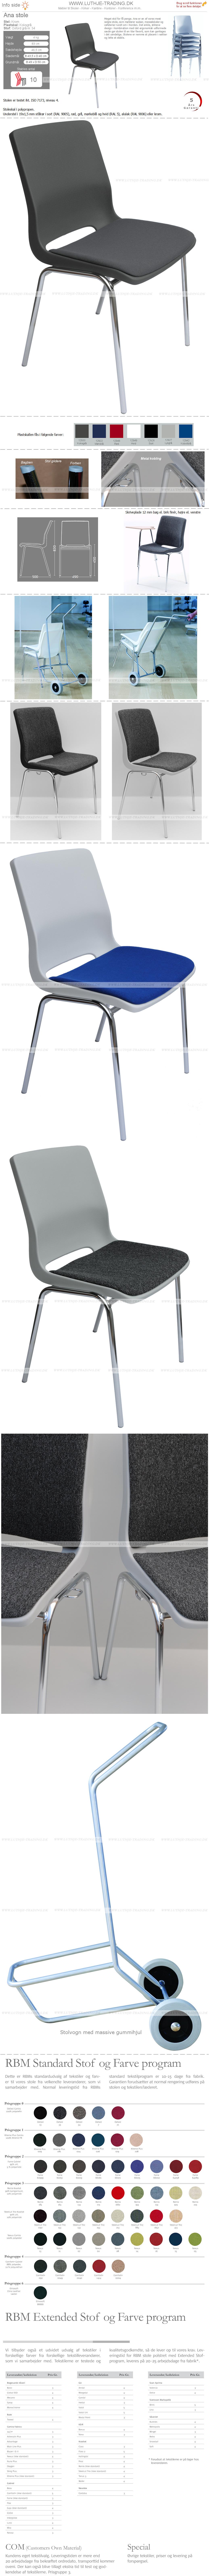 Ana stol med krom stel, koksgrå plastskal og Oxford stof grå nr. 34. Der er 5 års garanti på Ana stole.